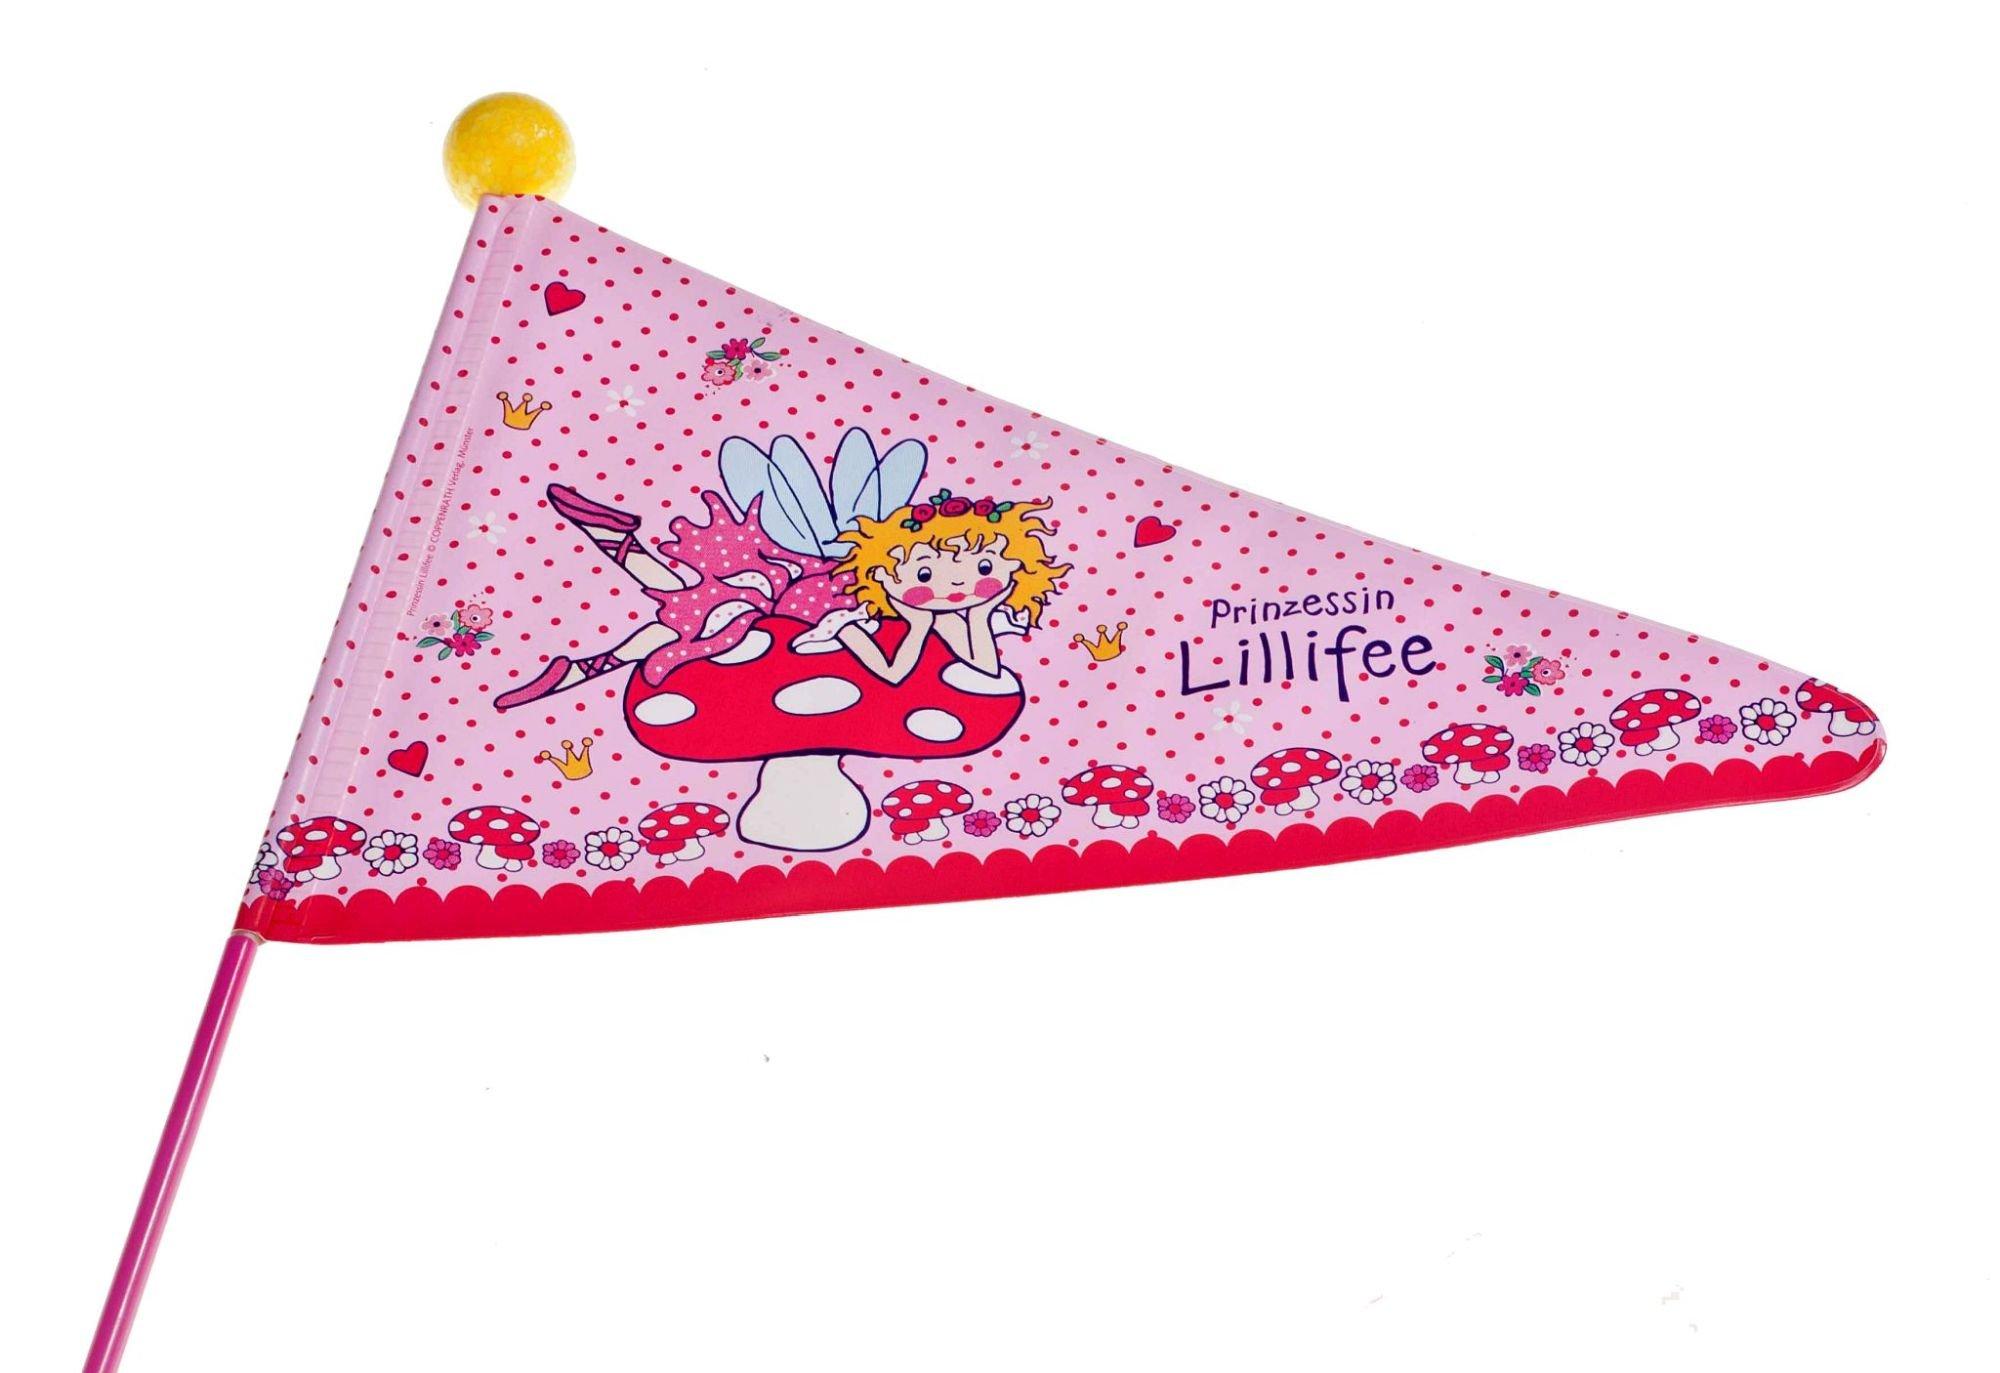 kinderartikel/Kinderartikel: Bike Fashion  Wimpel Prinzessin Lillifee